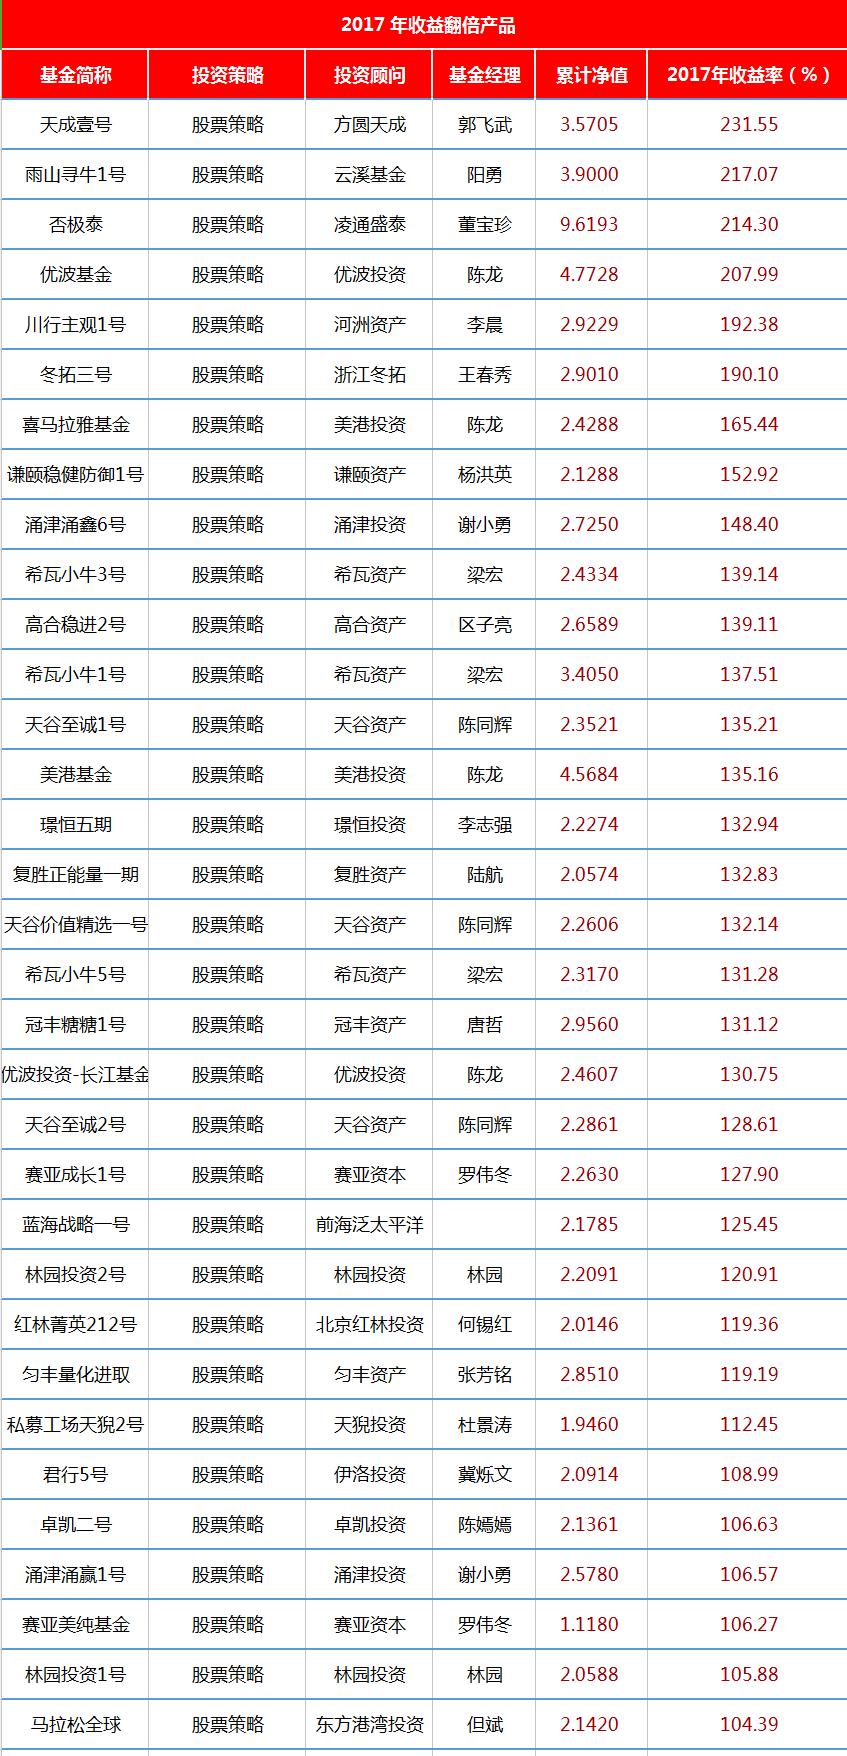 股票策略翻倍产品.png